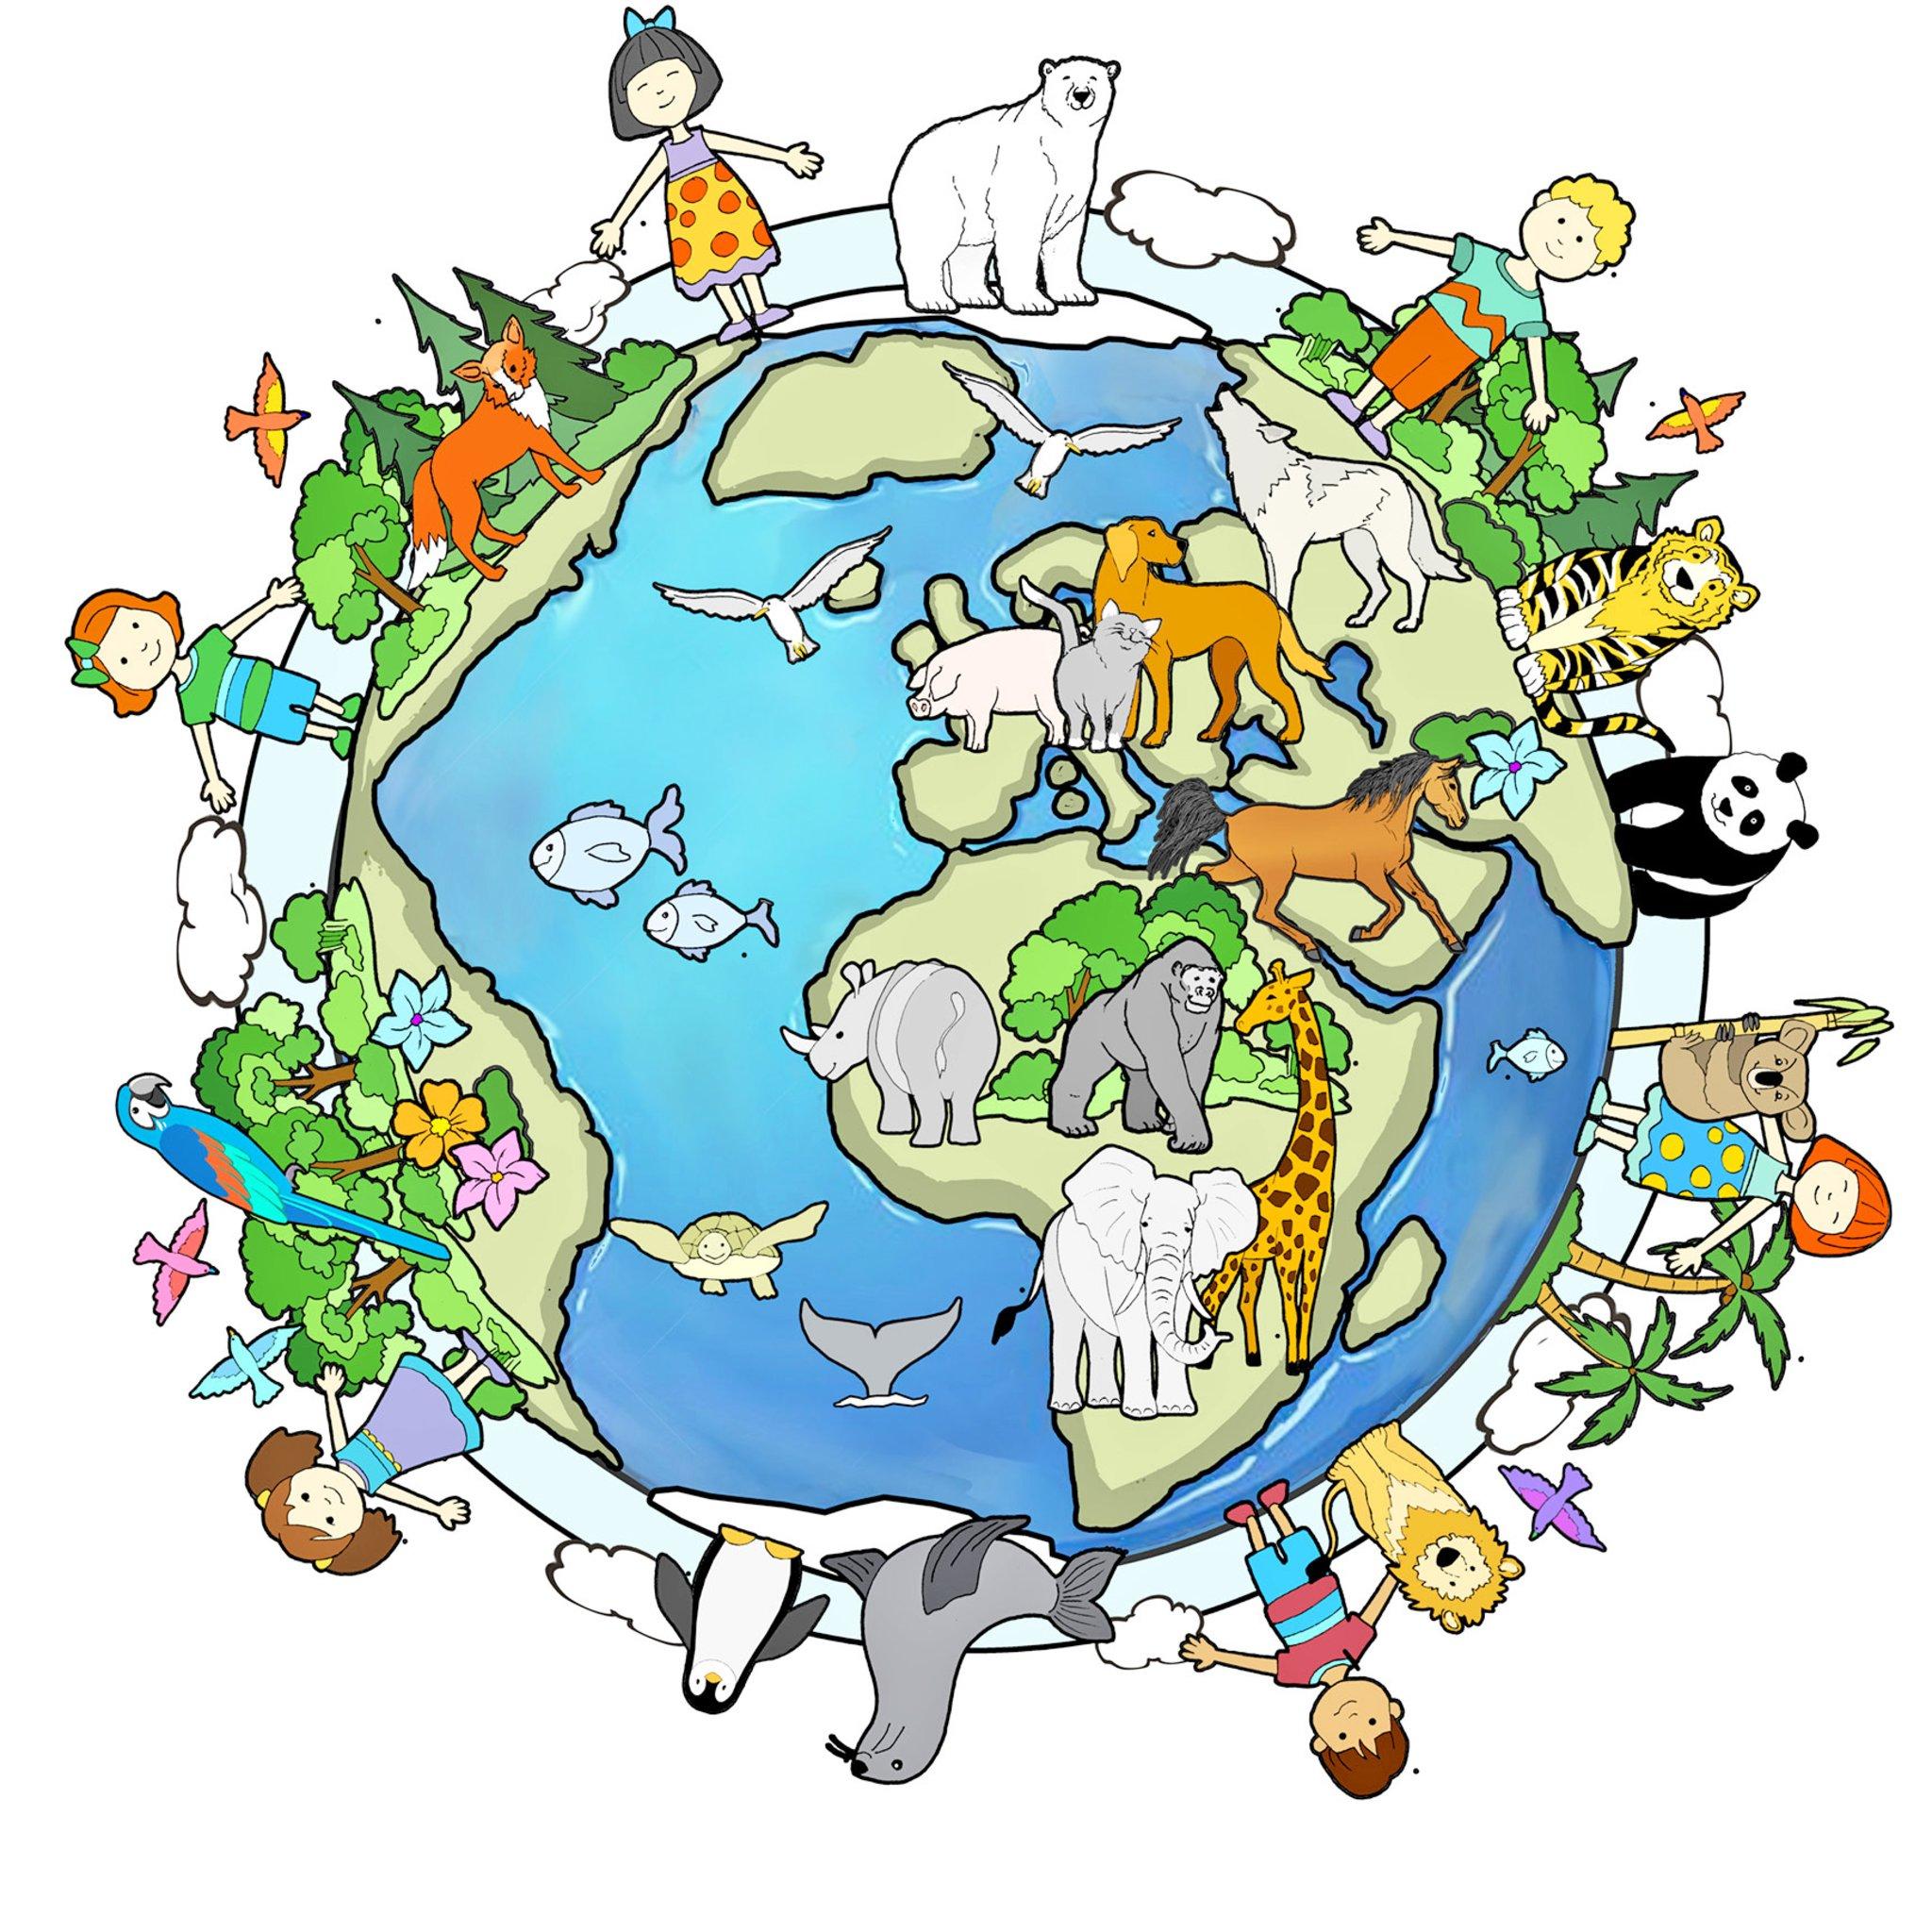 projekt für junge tierfreunde kinder und jugendliche